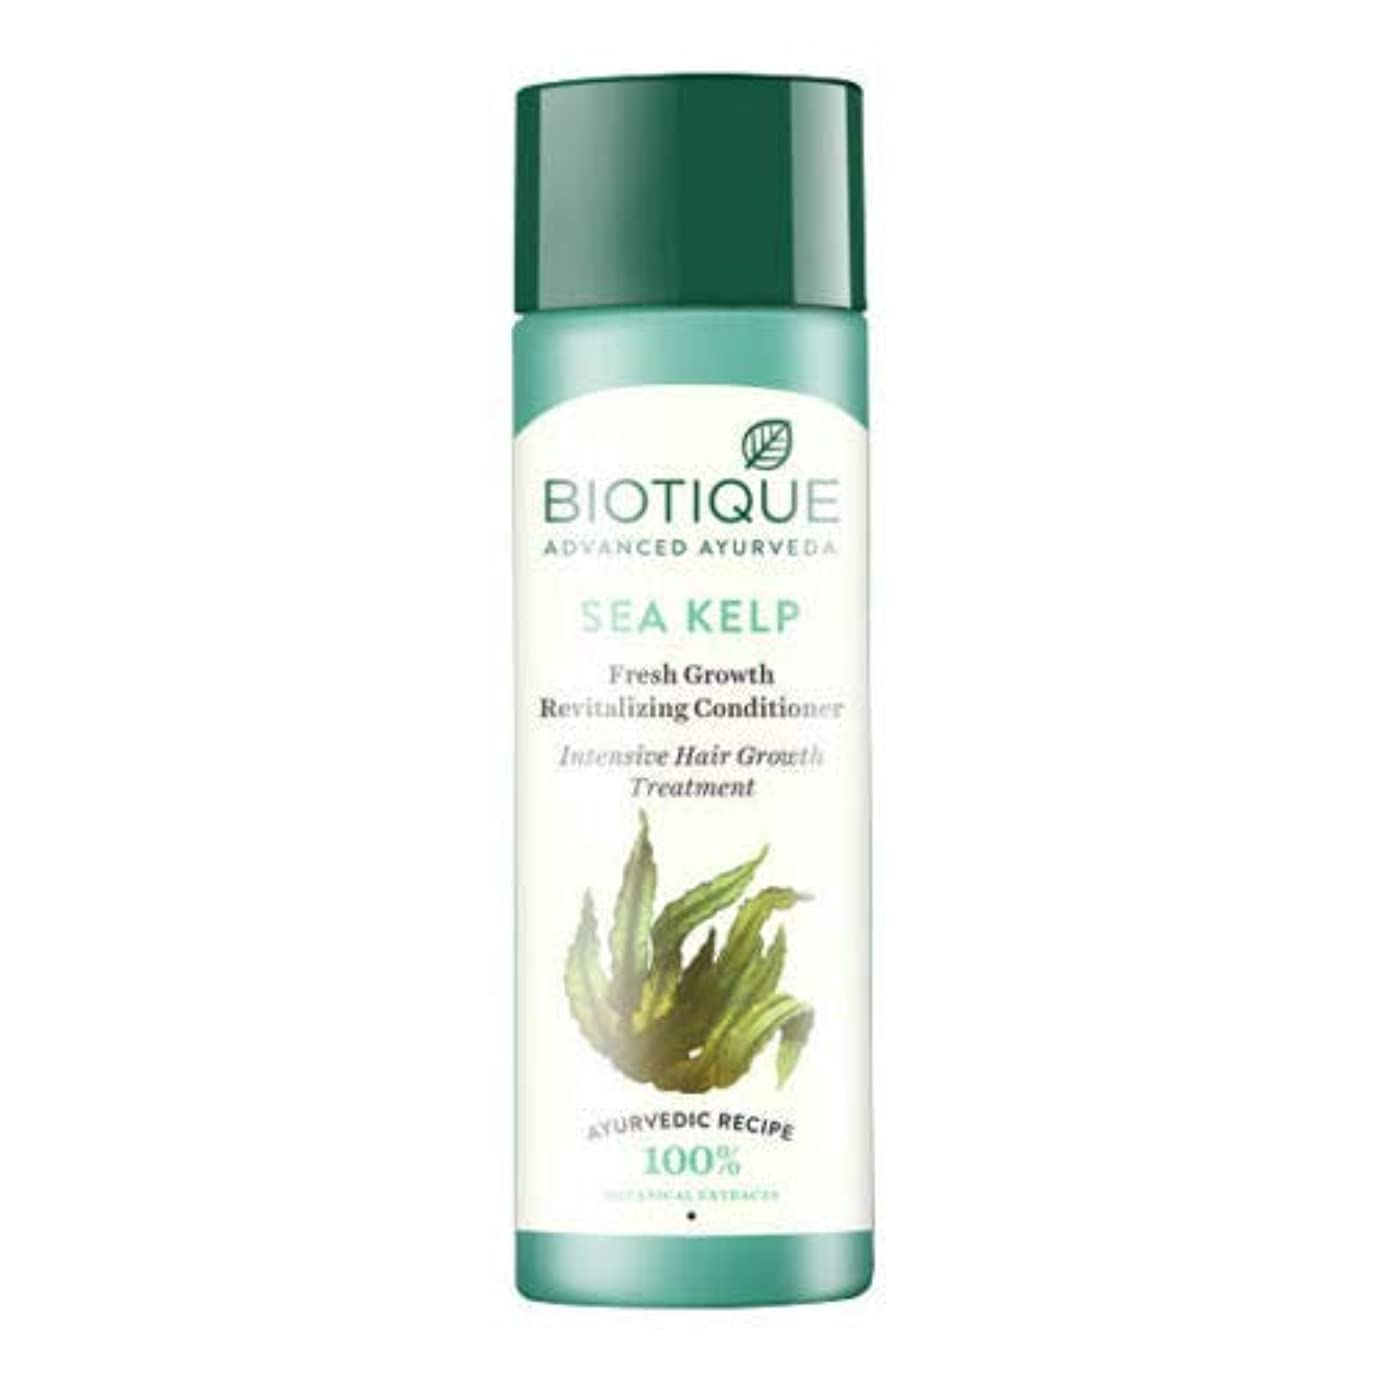 故意に比率気性Biotique Bio Sea Kelp Fresh Growth Revitalizing Conditioner (120 ml) hair Growth Biotiqueバイオシーケルプフレッシュグロースリジュライジングコンディショナー育毛